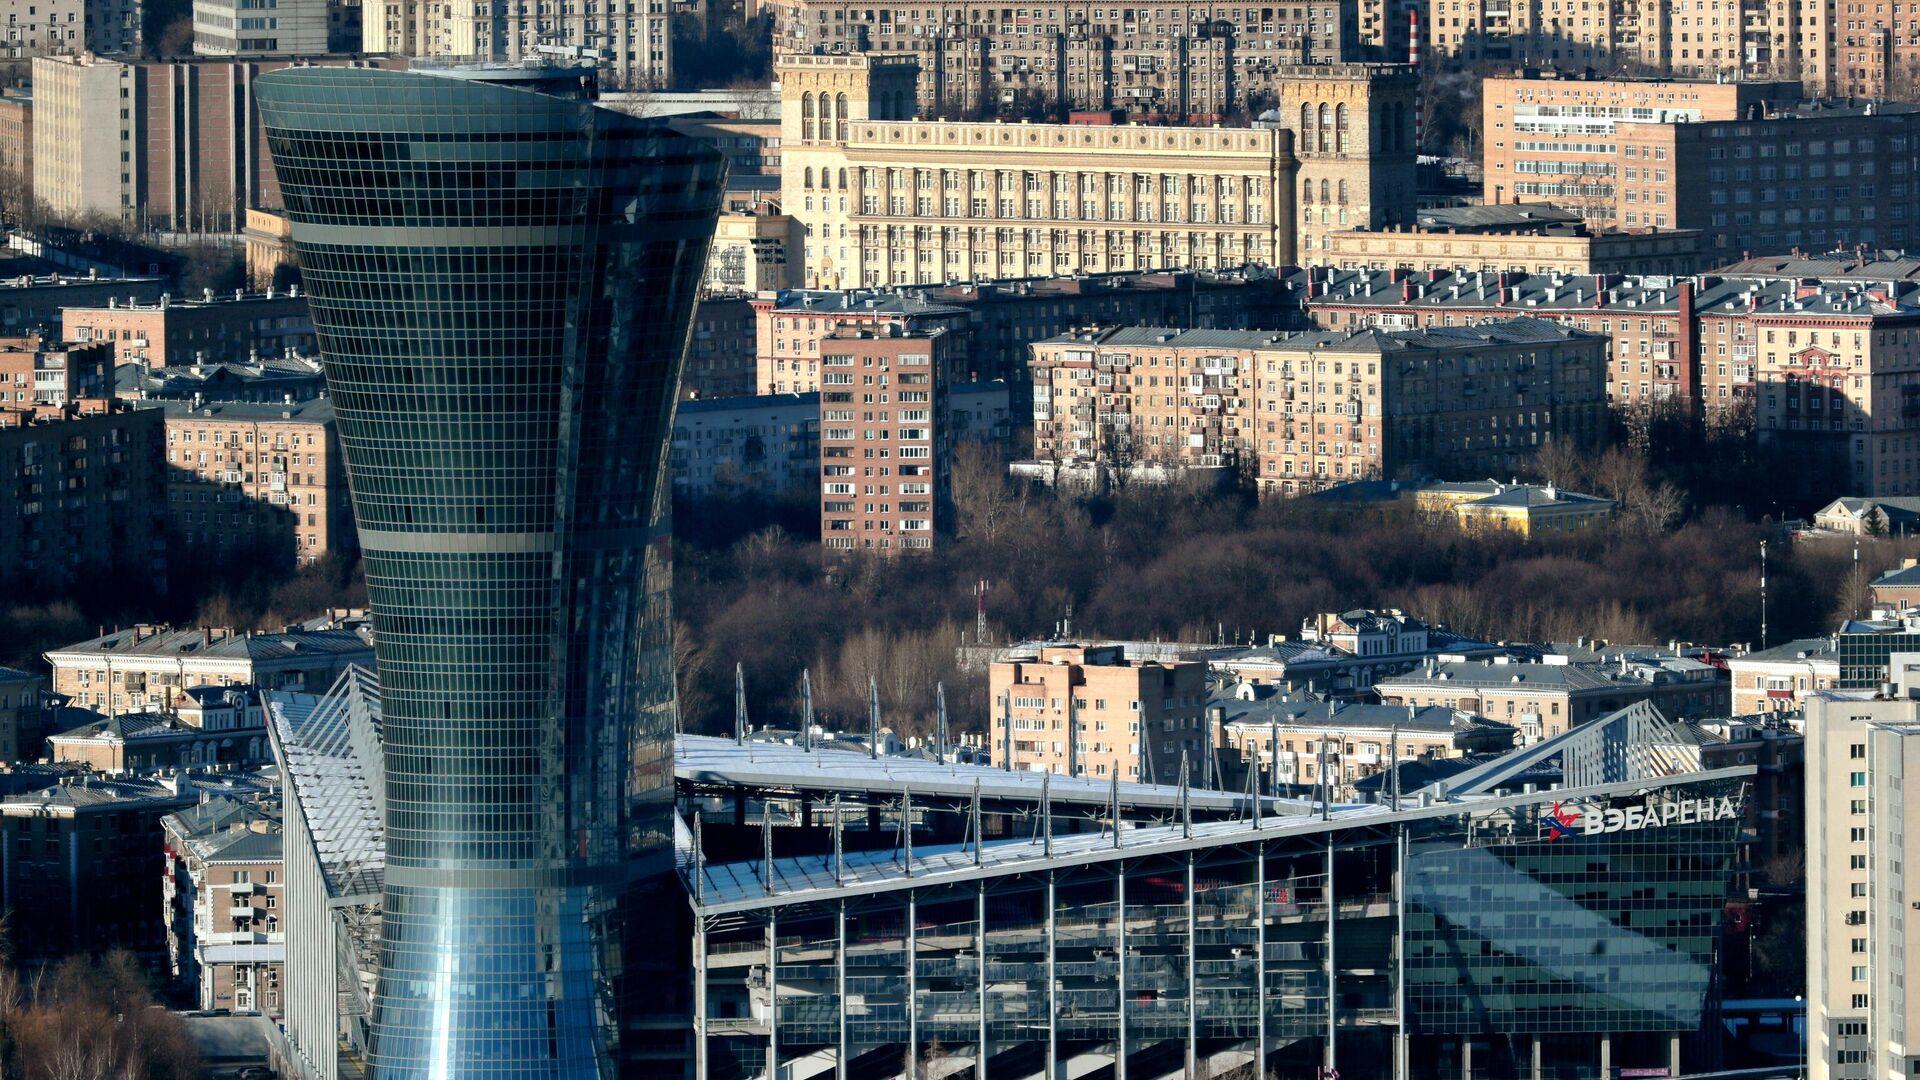 Вид на здание стадиона ВЭБ Арена  - РИА Новости, 1920, 05.06.2020